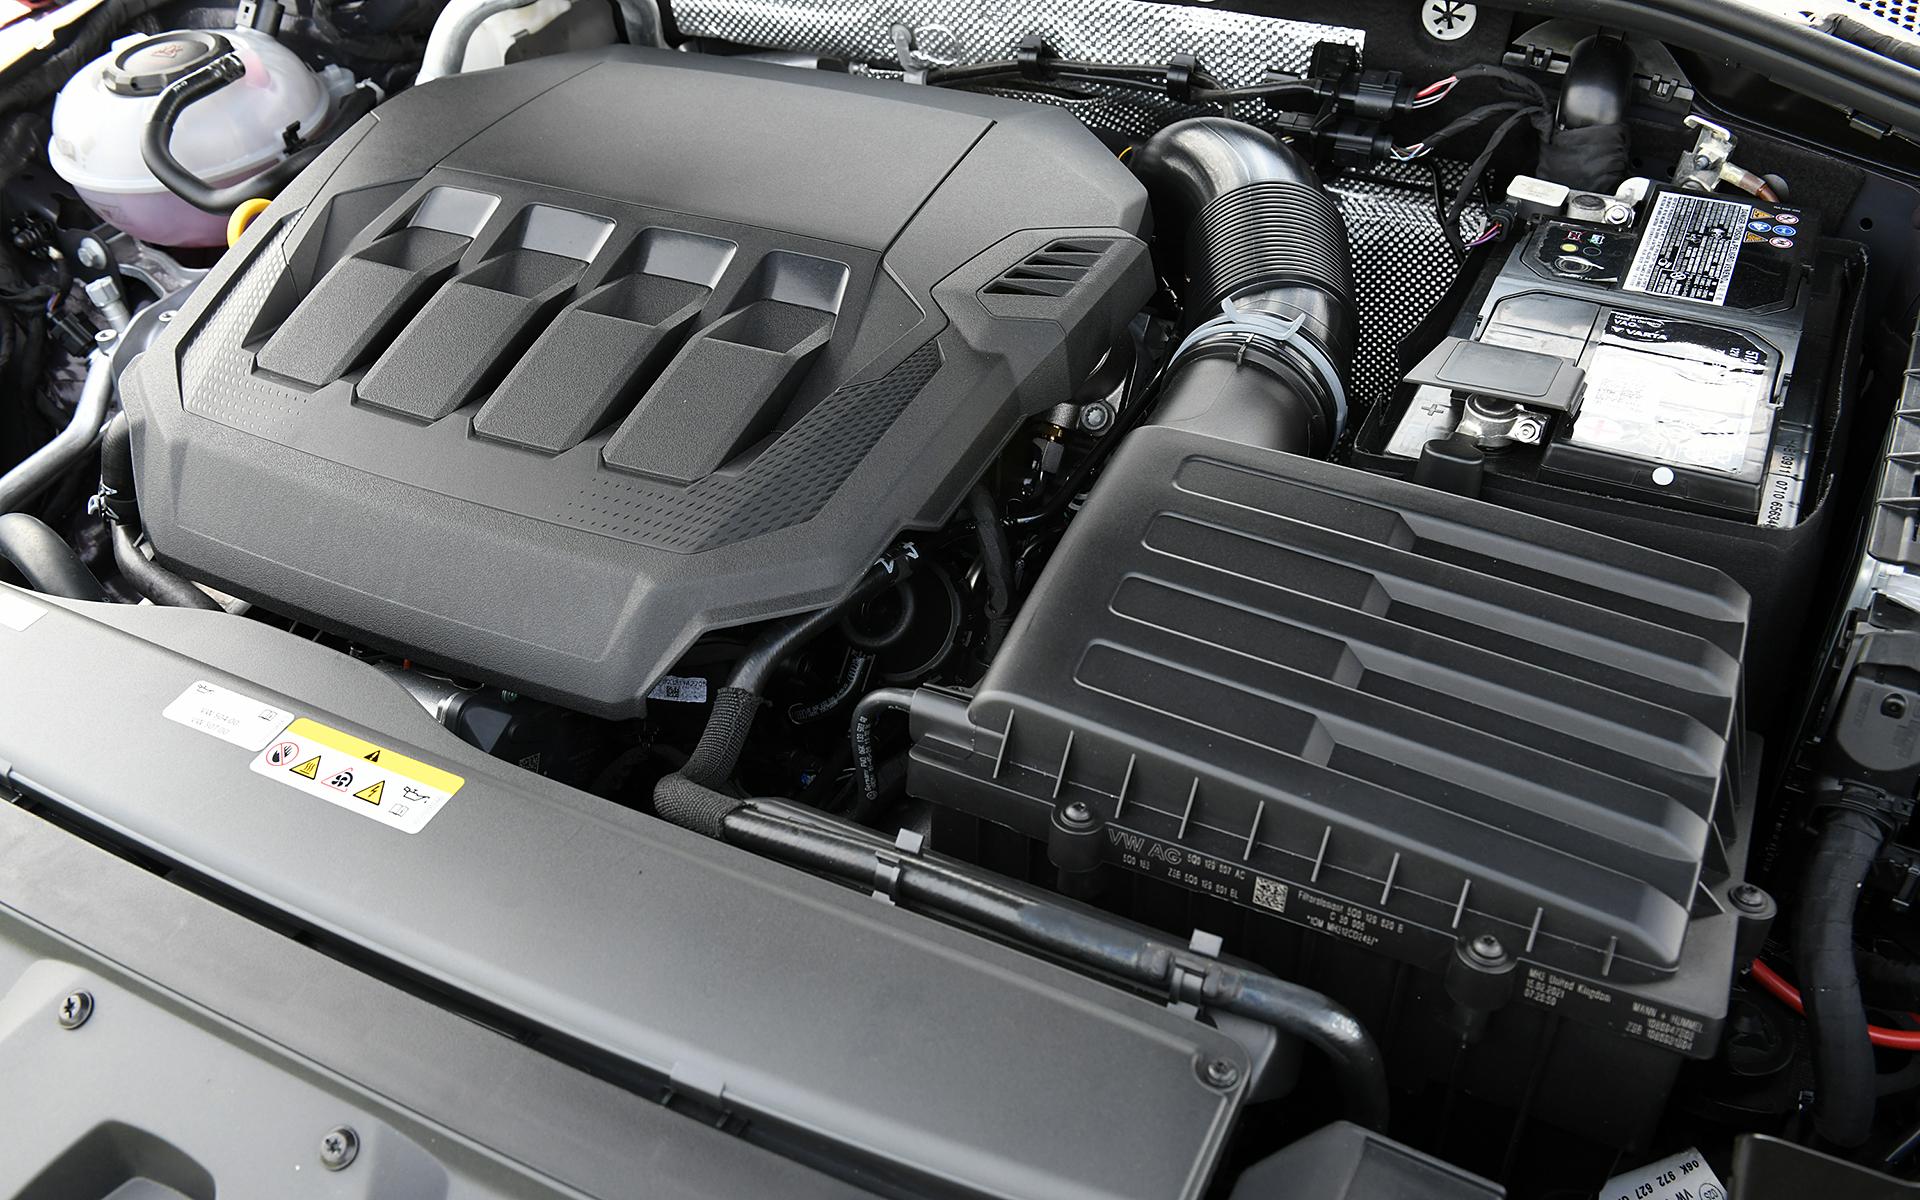 最高出力200kW(272PS)/5500-6500rpm、最大トルク350Nm(35.7kgfm)/2000-5400rpmを発生する直列4気筒DOHC 2.0リッターターボエンジンを搭載。トランスミッションには7速DSGを組み合わせ、4輪を駆動する。WLTCモード燃費は11.5km/L